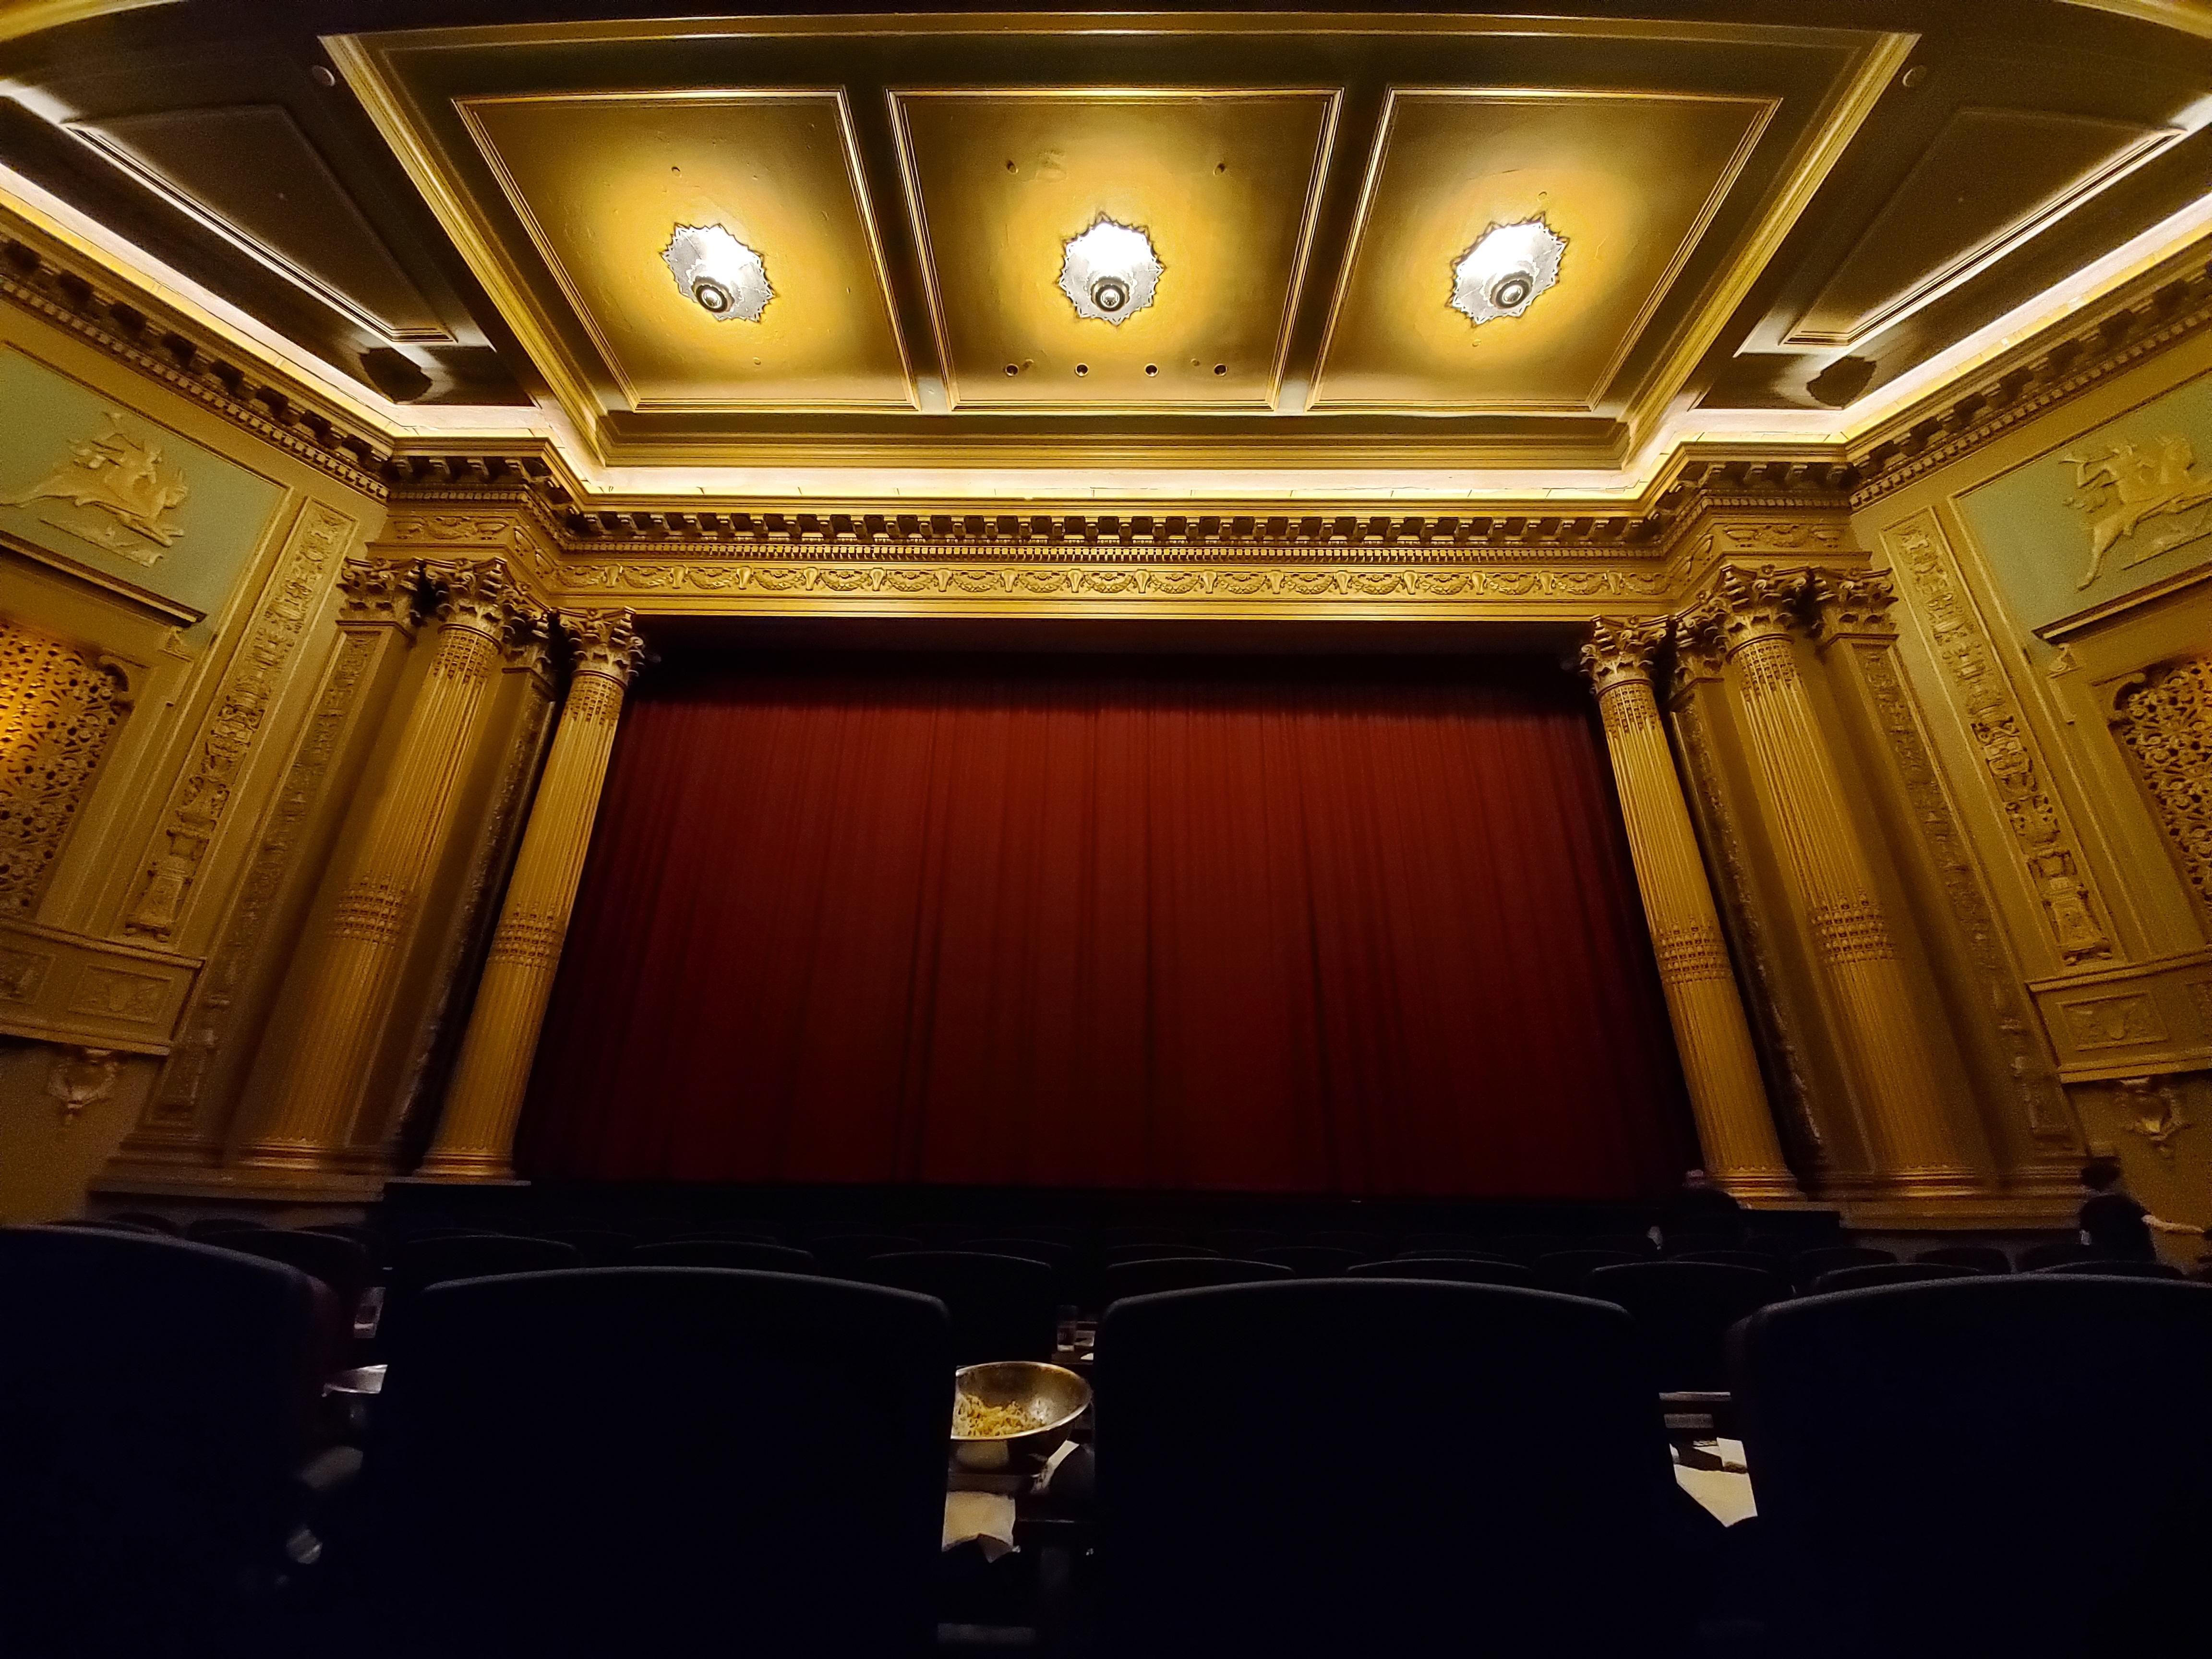 alamo-theater-wide-galaxy-s10e